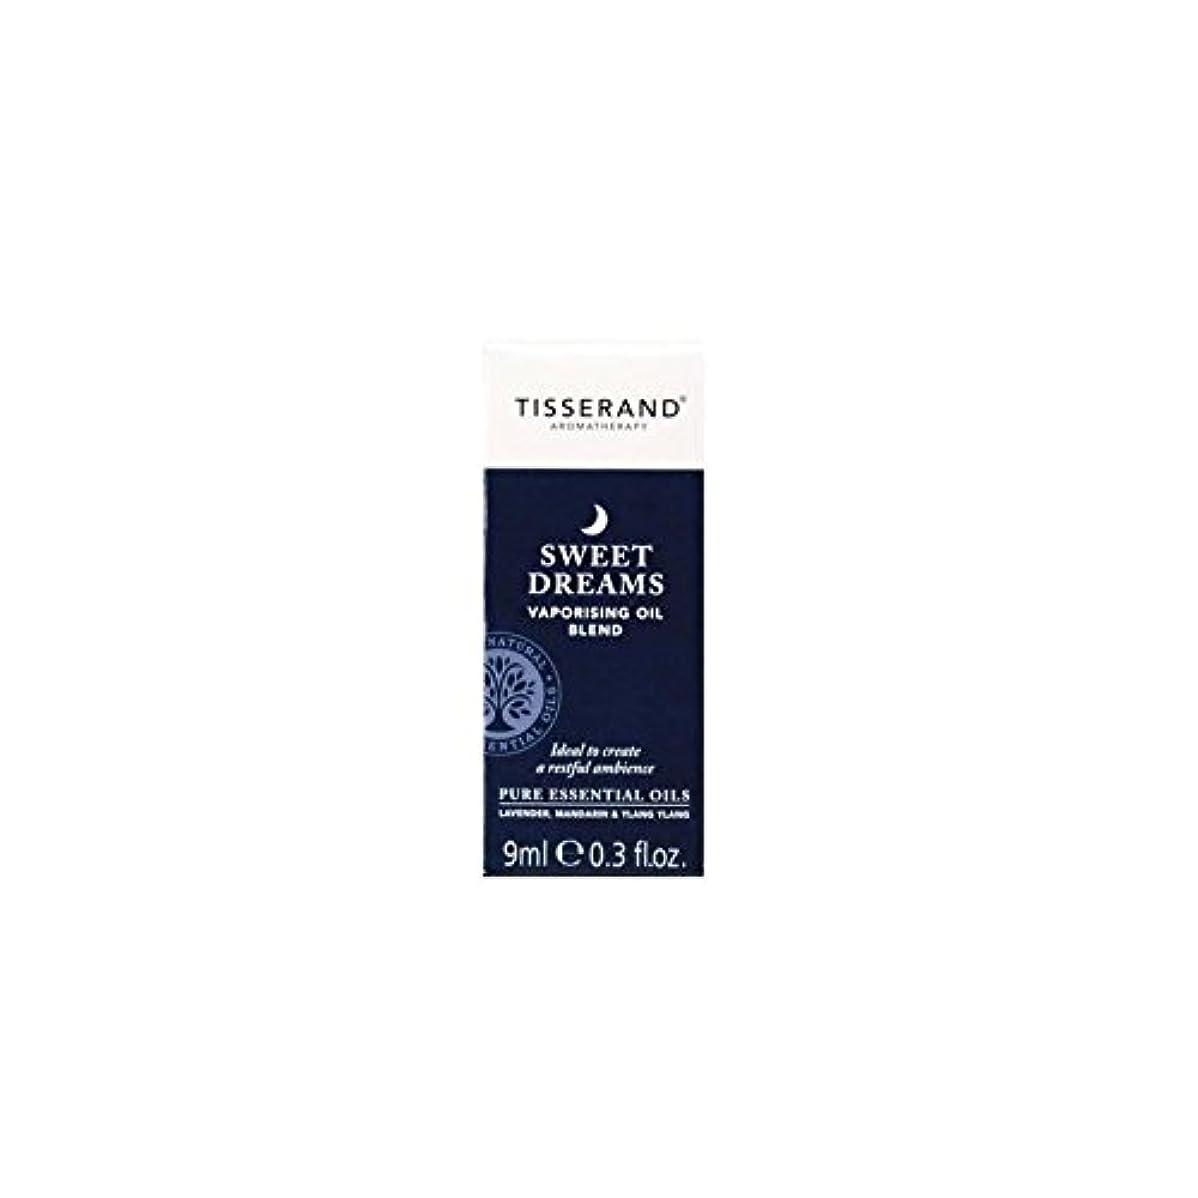 オイル9ミリリットルを気化甘い夢 (Tisserand) (x 4) - Tisserand Sweet Dreams Vaporising Oil 9ml (Pack of 4) [並行輸入品]